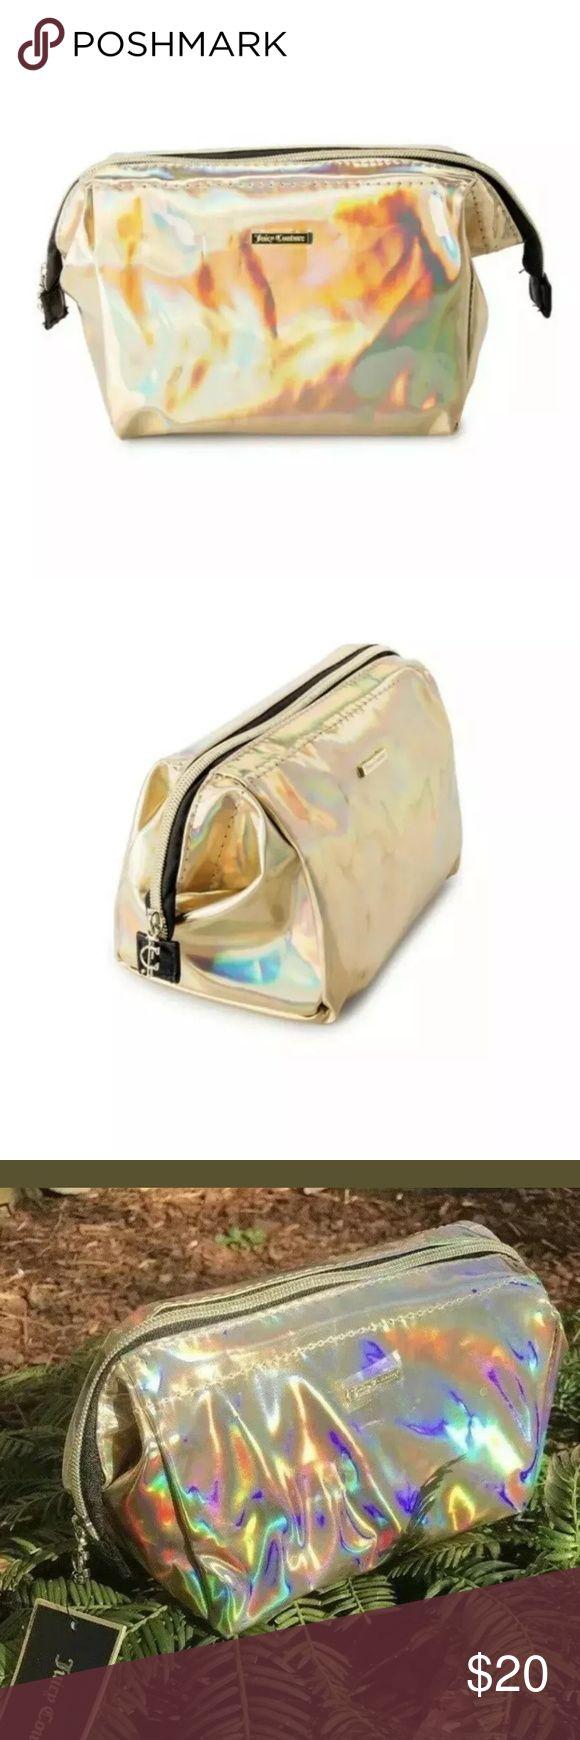 Juicy Couture Gold Holographic Makeup Bag Makeup bag